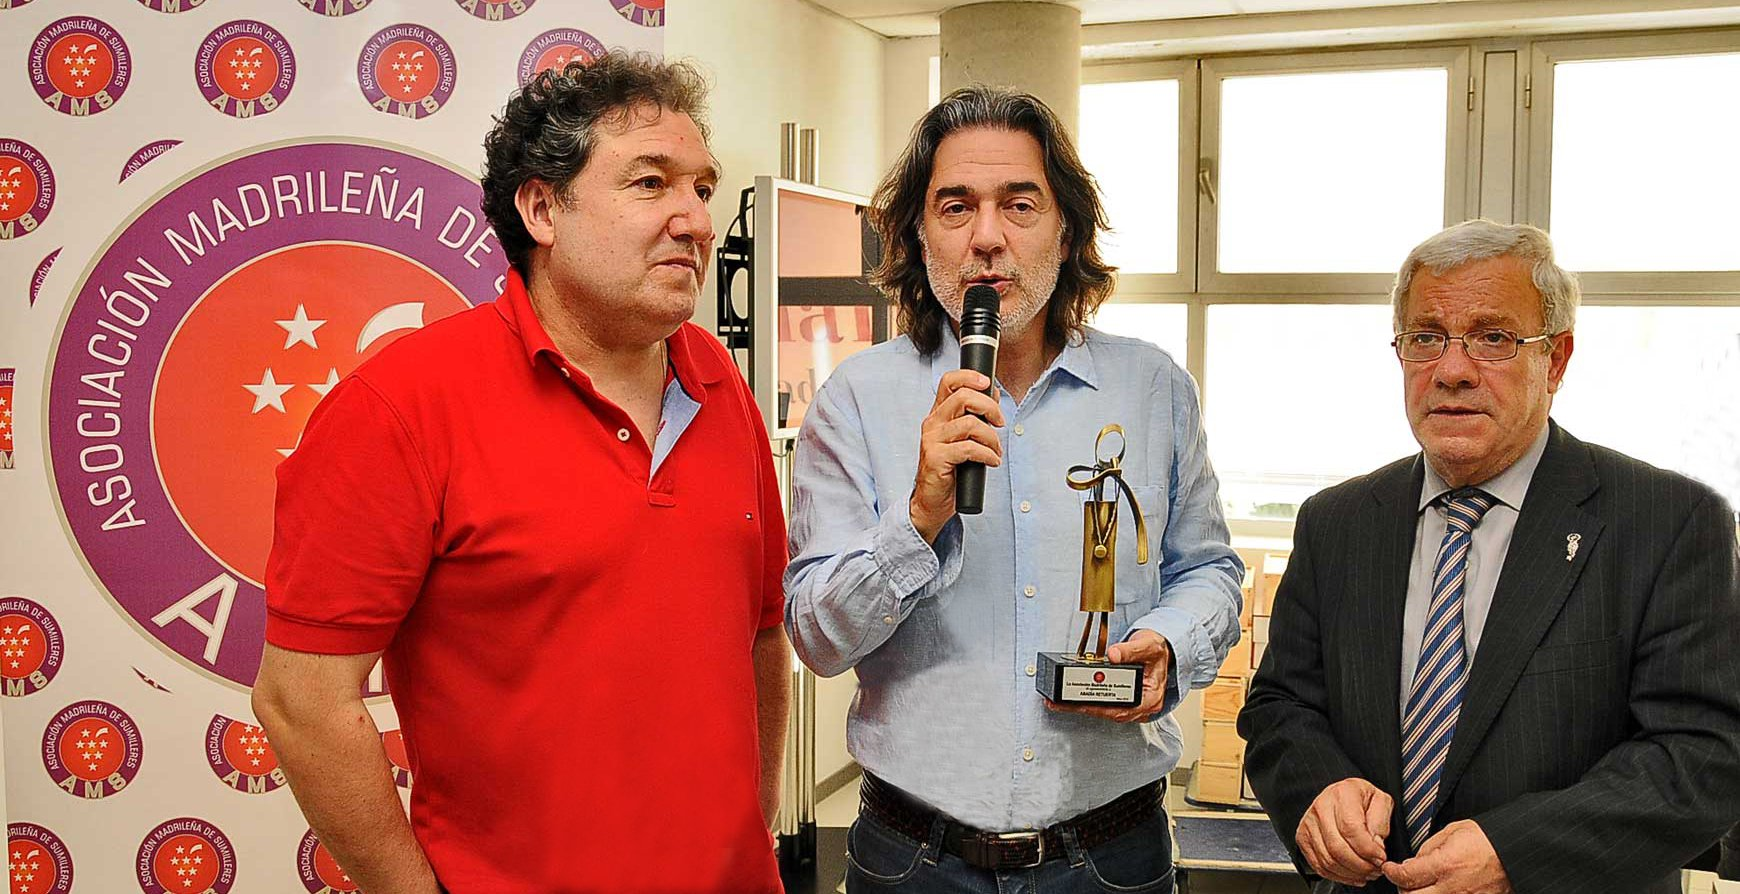 Joaquin Gálvez Bouza hace entrega de la estatua obsequia de la AMS-Asociación Madrileña de Sumilleres, a su amigo Ángel Anocibar Beloqui, enólogo y director técnico de la bodega Abadía Retuerta. En presencia de Manuel Ubago Fernández, miembro de la Junta de la AMS.